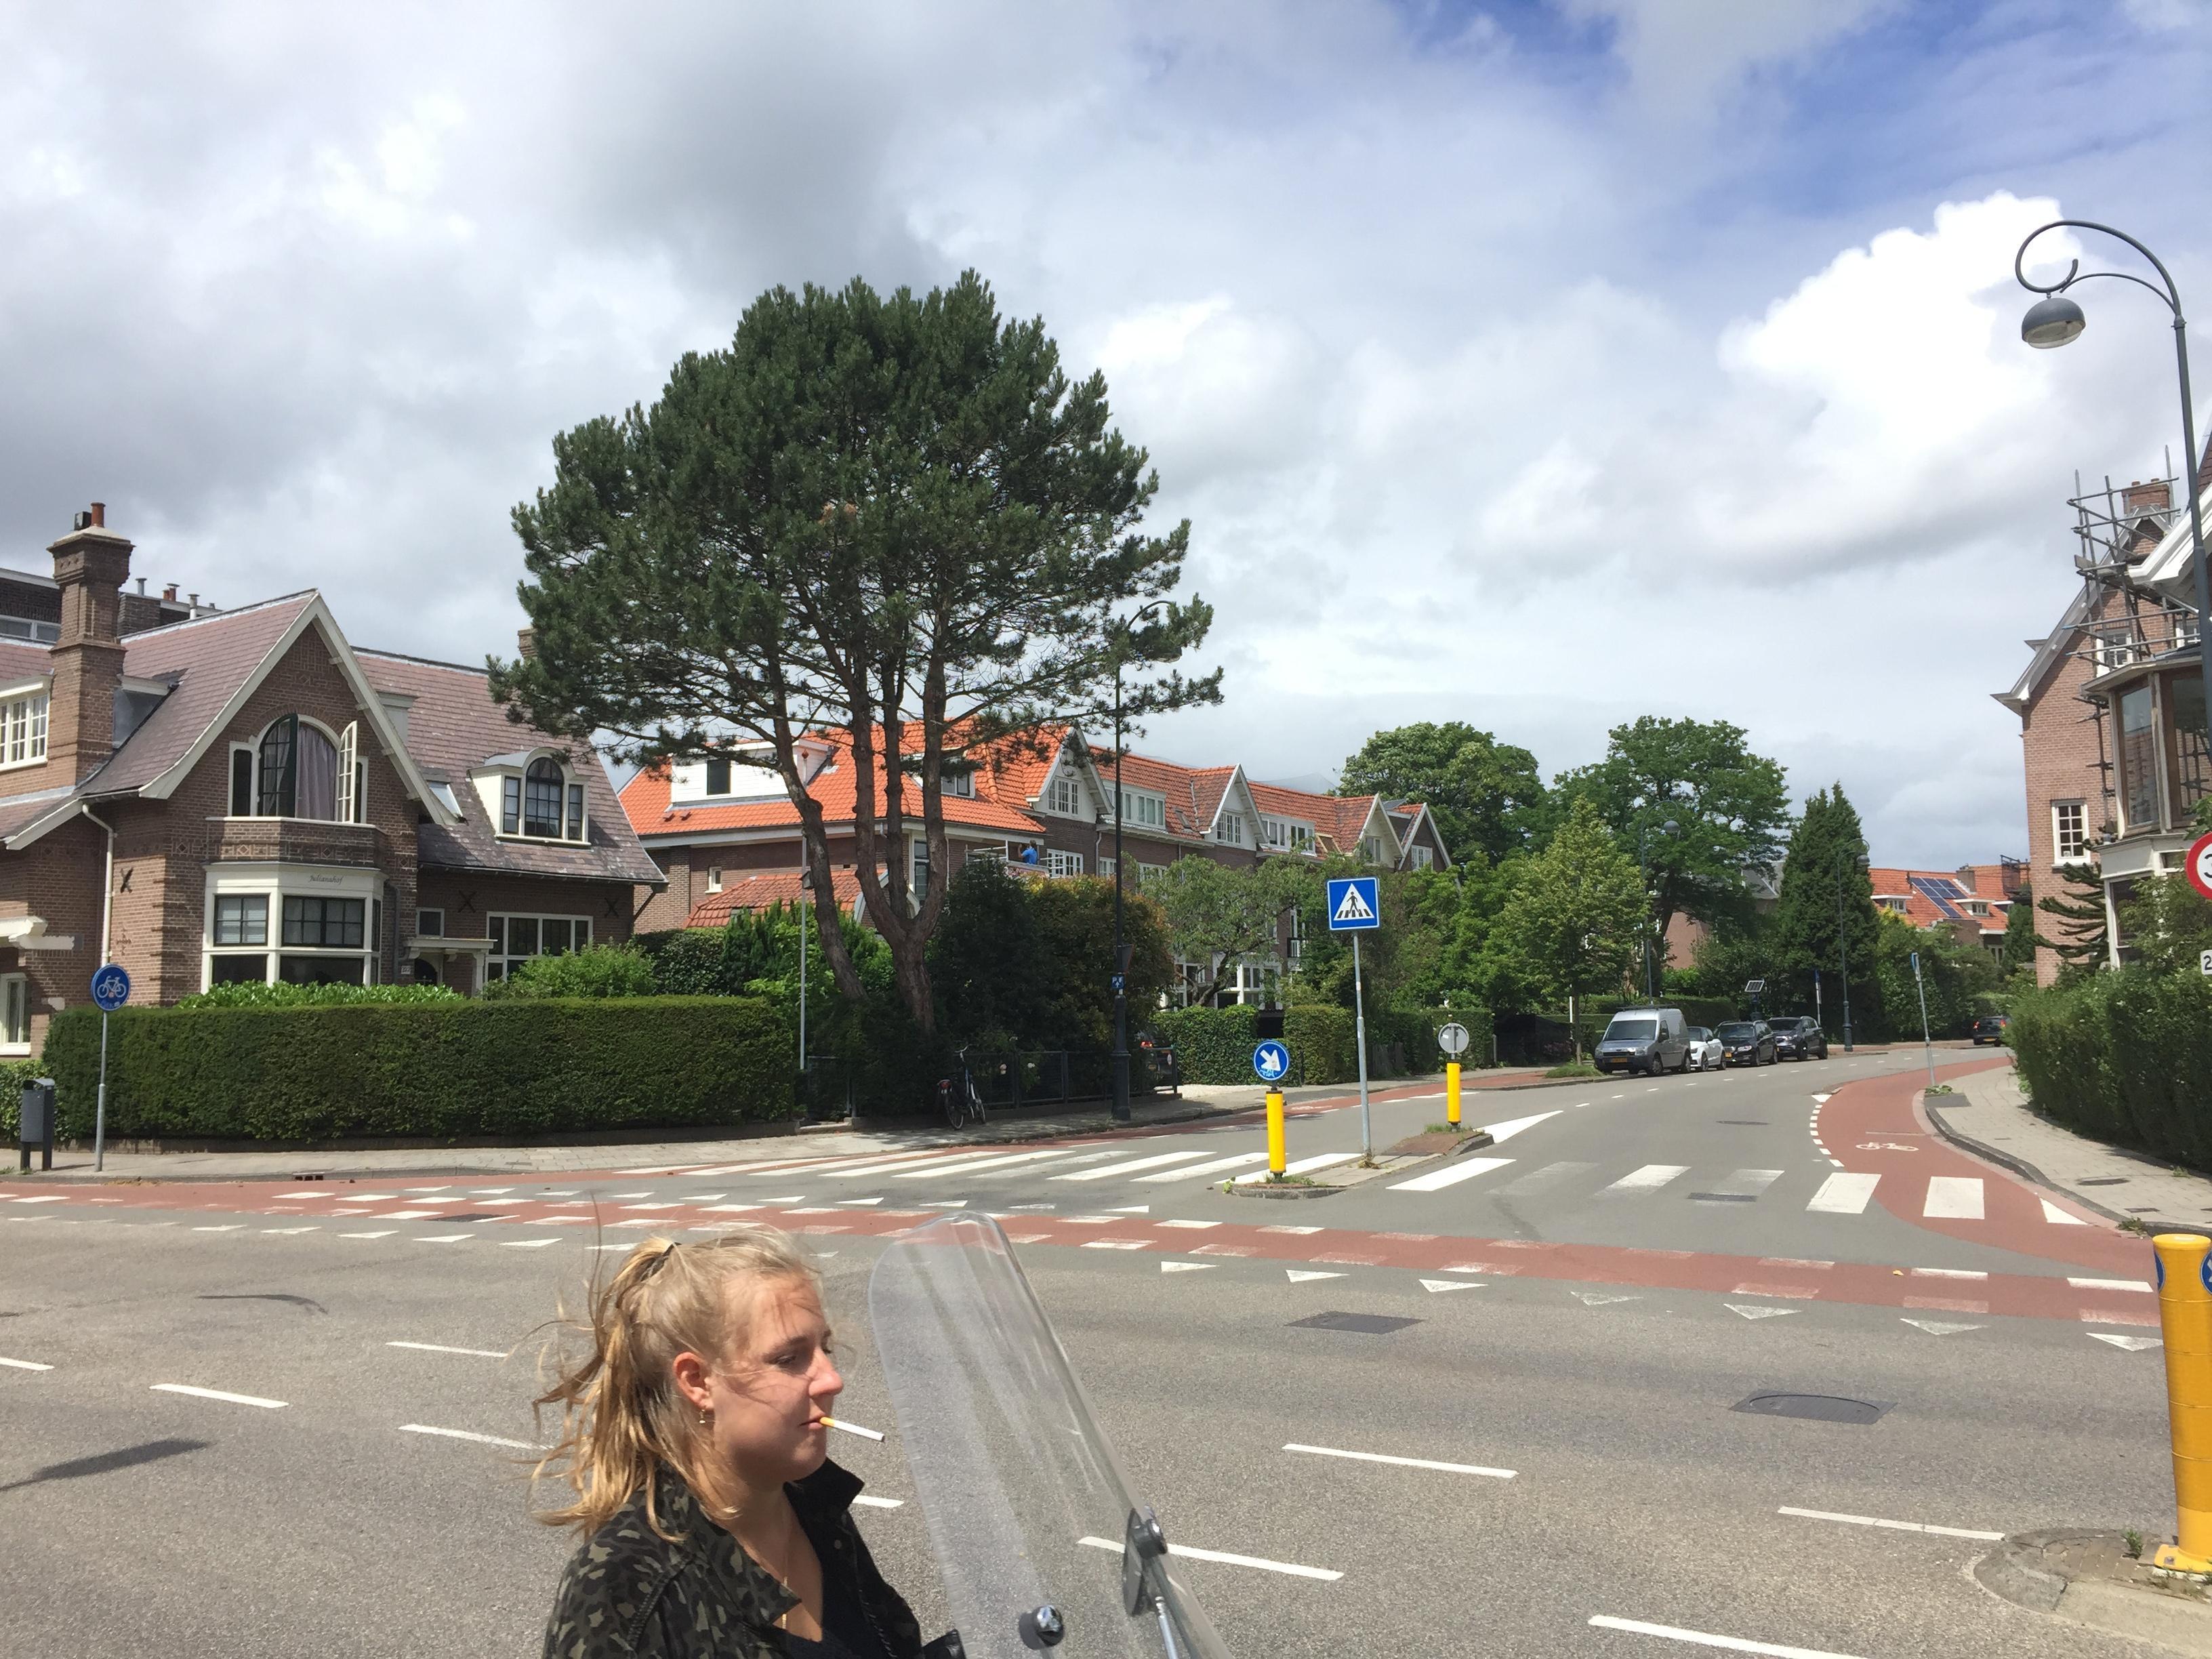 'Spookbomen' in Haarlem in kaart gebracht; 'Nu ook waardevolle bomen in tuinen op beschermende lijst'